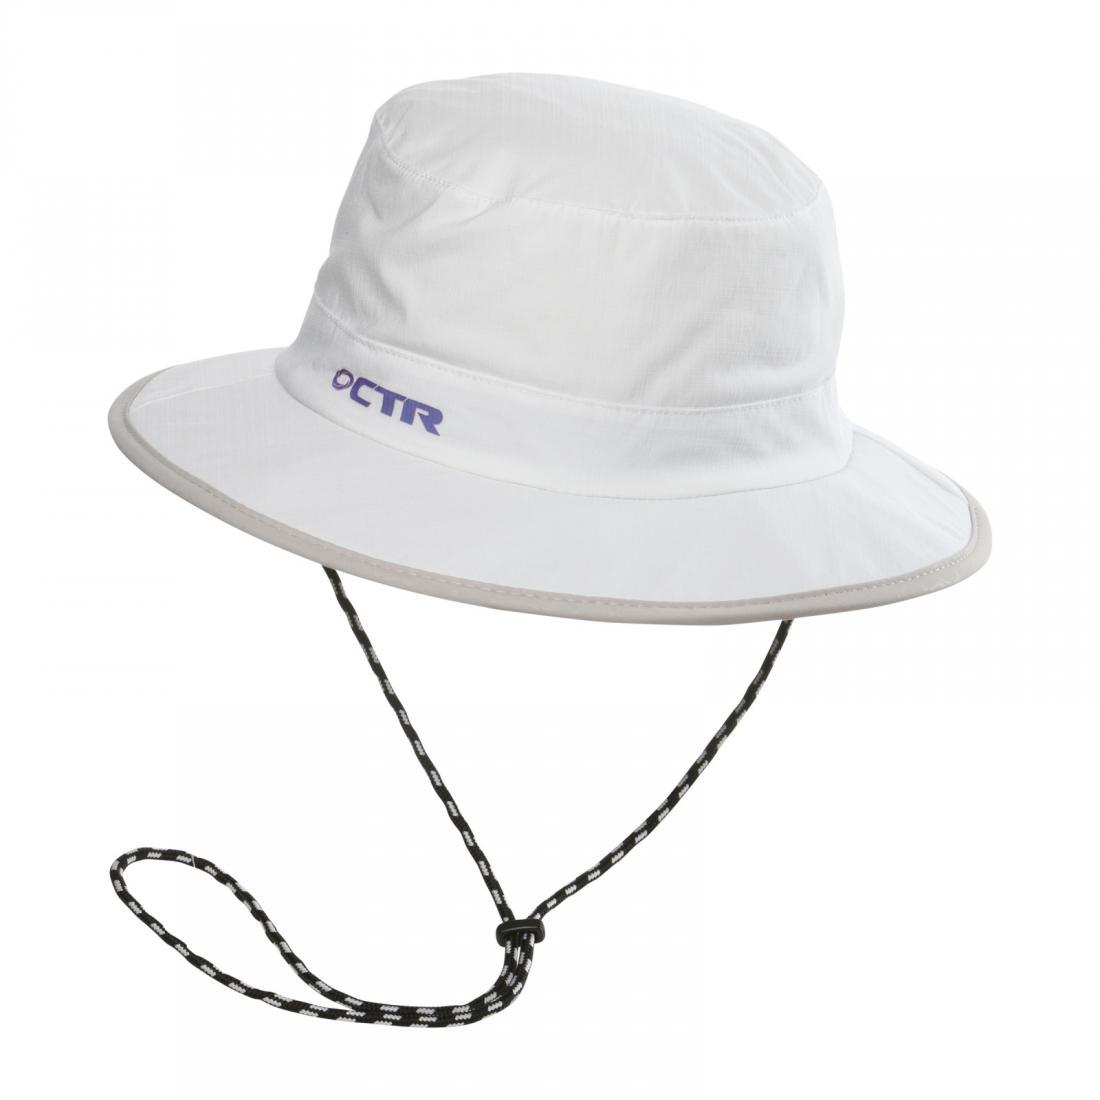 Панама Chaos  Summit Day Hat (женс)Панамы<br><br> Chaos Summit Day Hat — это оригинальная женская панама для яркого отдыха. Она привлекает внимание необычным дизайном, цветовым решением и формой полей. Эта модель идеально подходит для пляжного отдыха или длительных прогулок в ясную жаркую погоду.<br>...<br><br>Цвет: Белый<br>Размер: L-XL